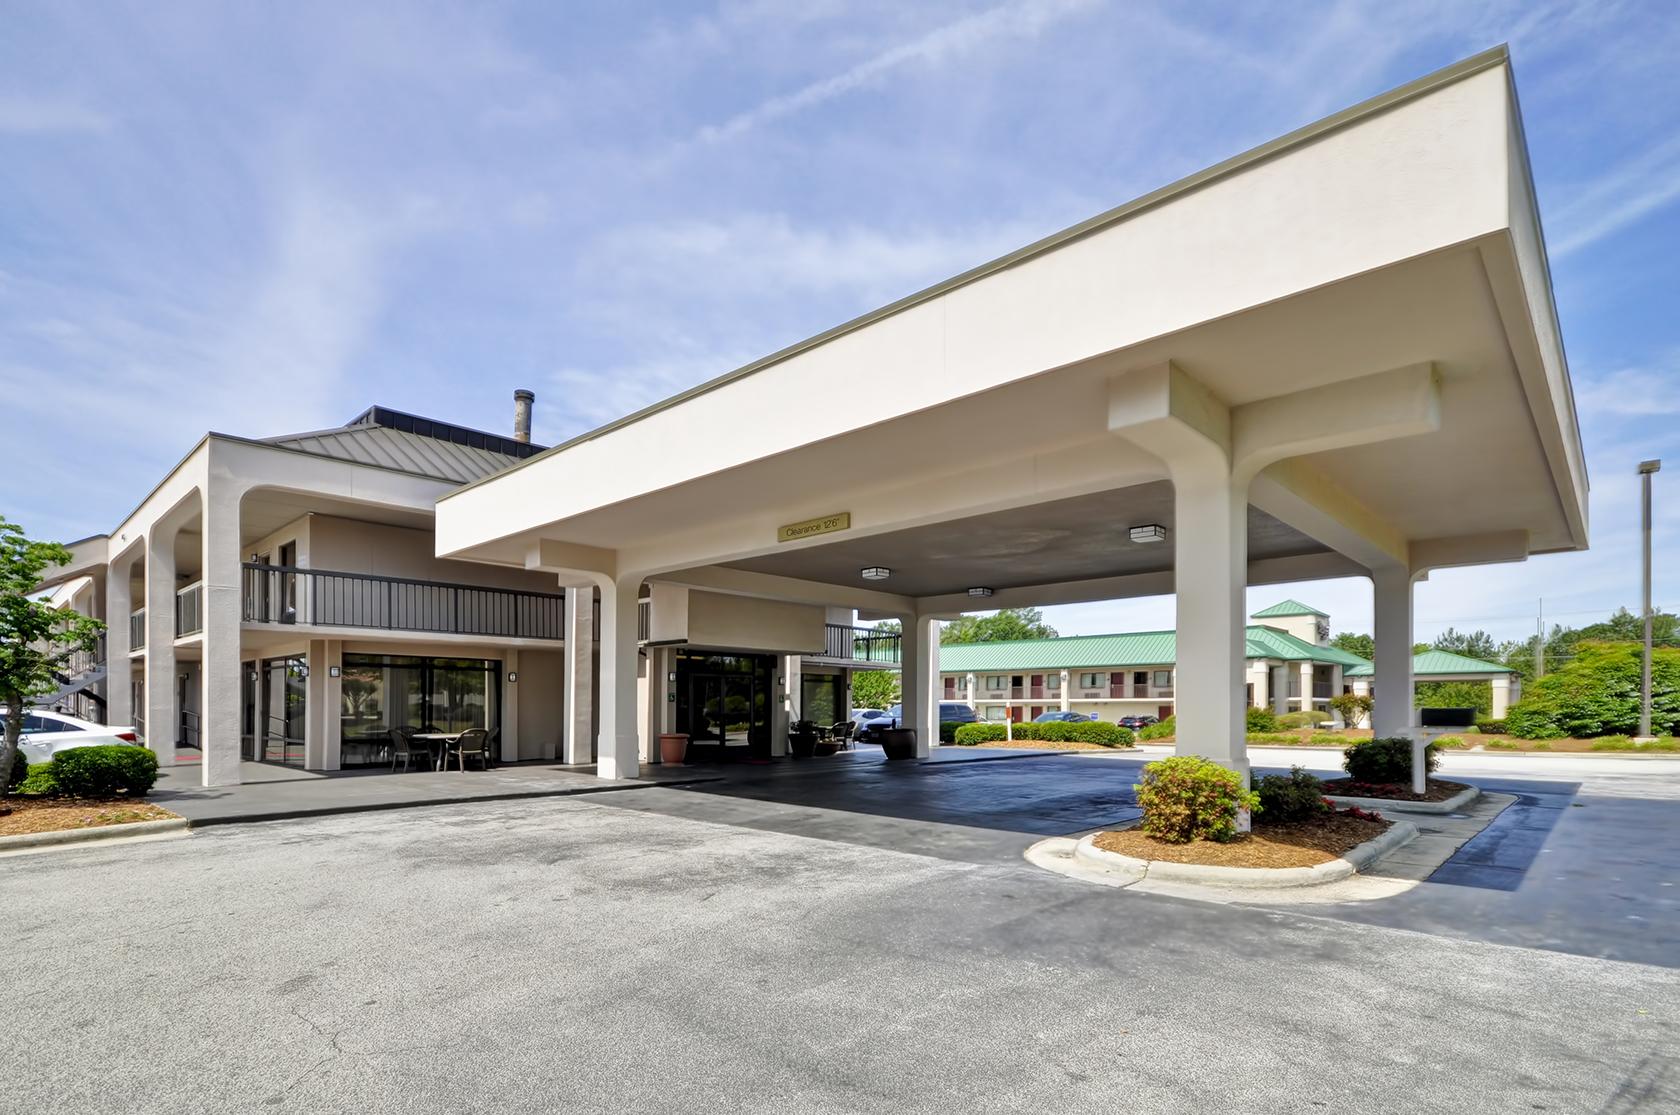 Red Lion Inn & Suites Fayetteville I-95 image 3